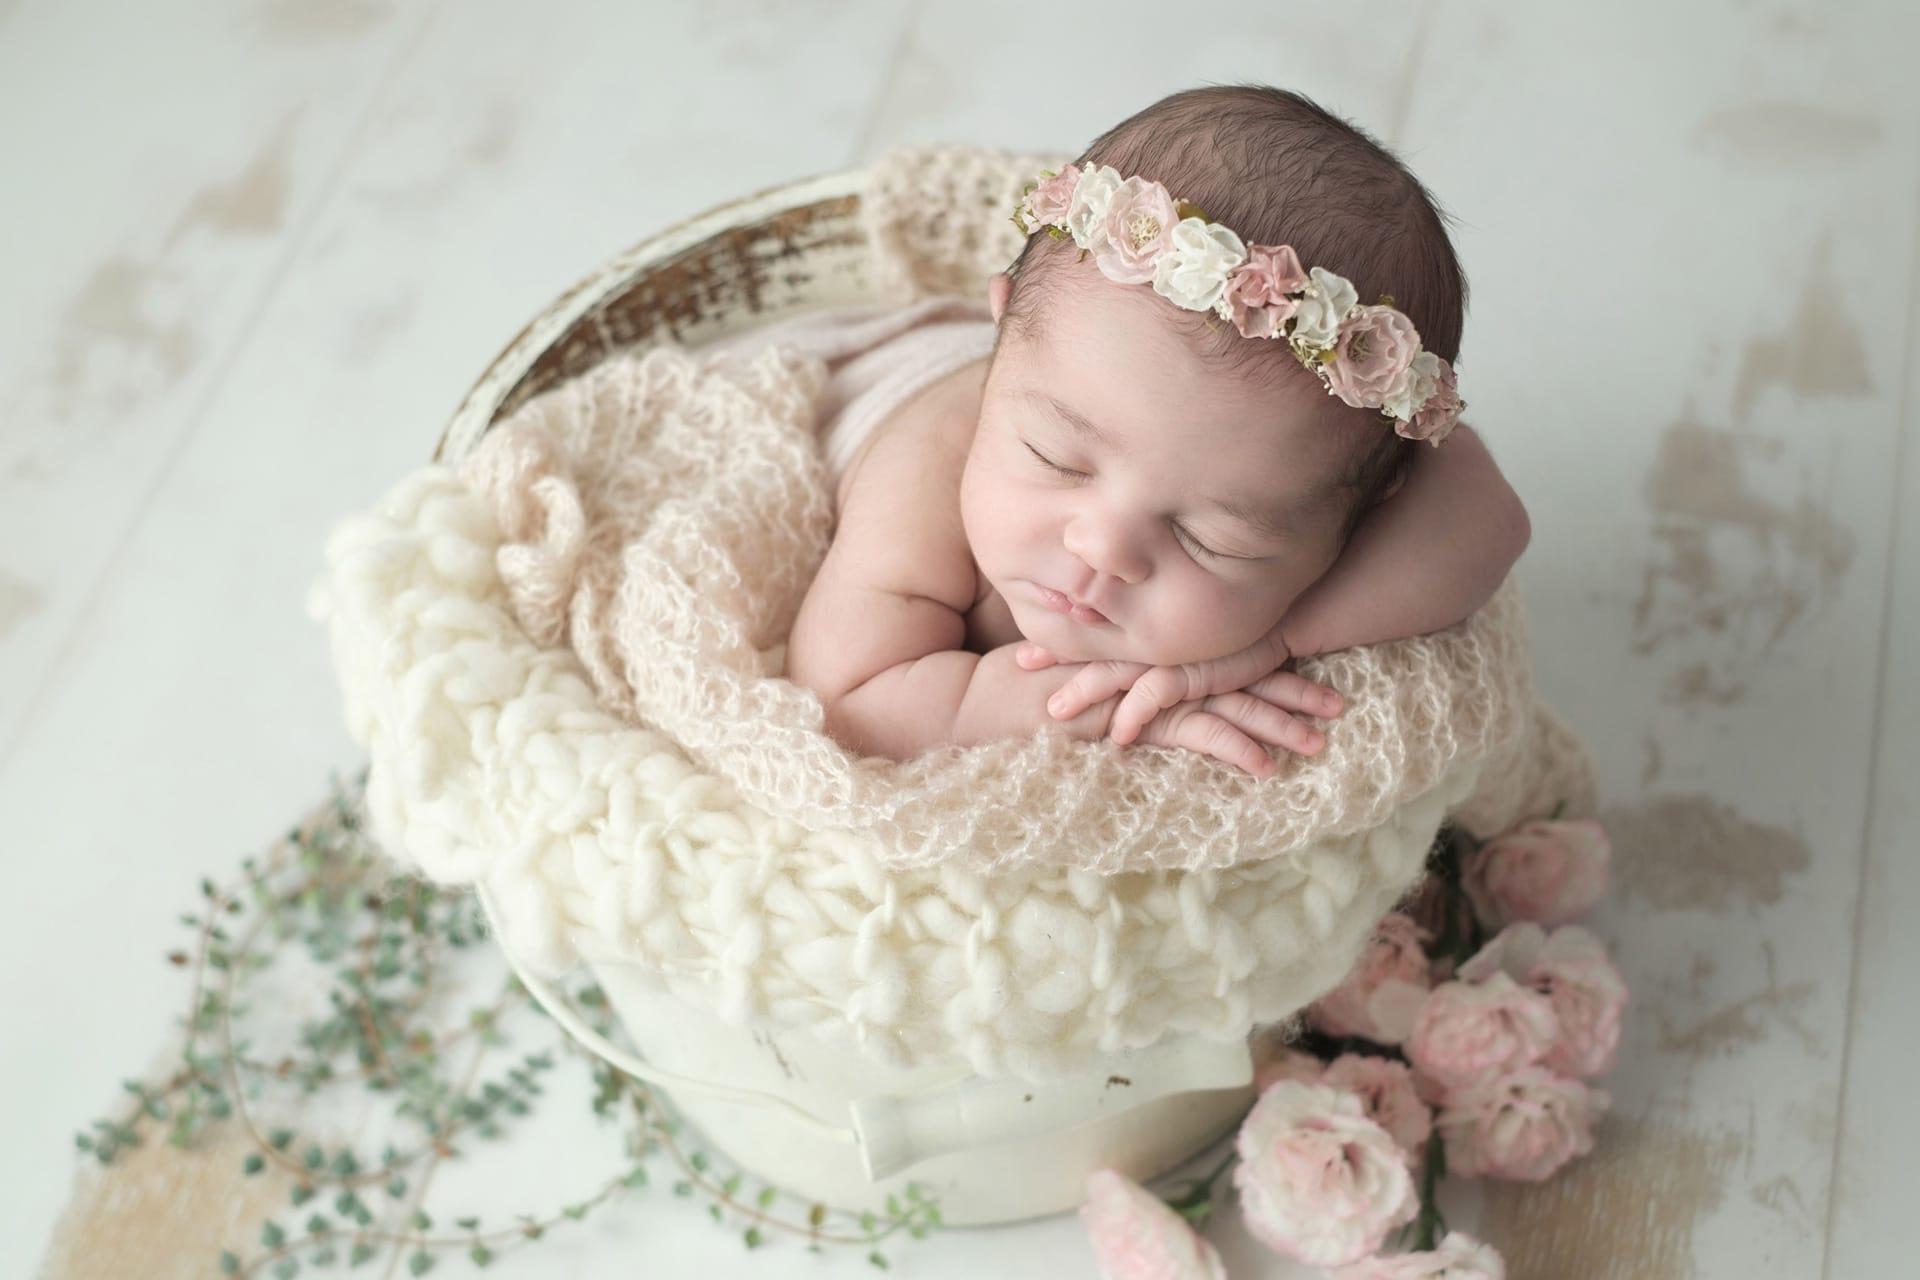 Nouveau-né avec couronne de fleurs blanc et rose